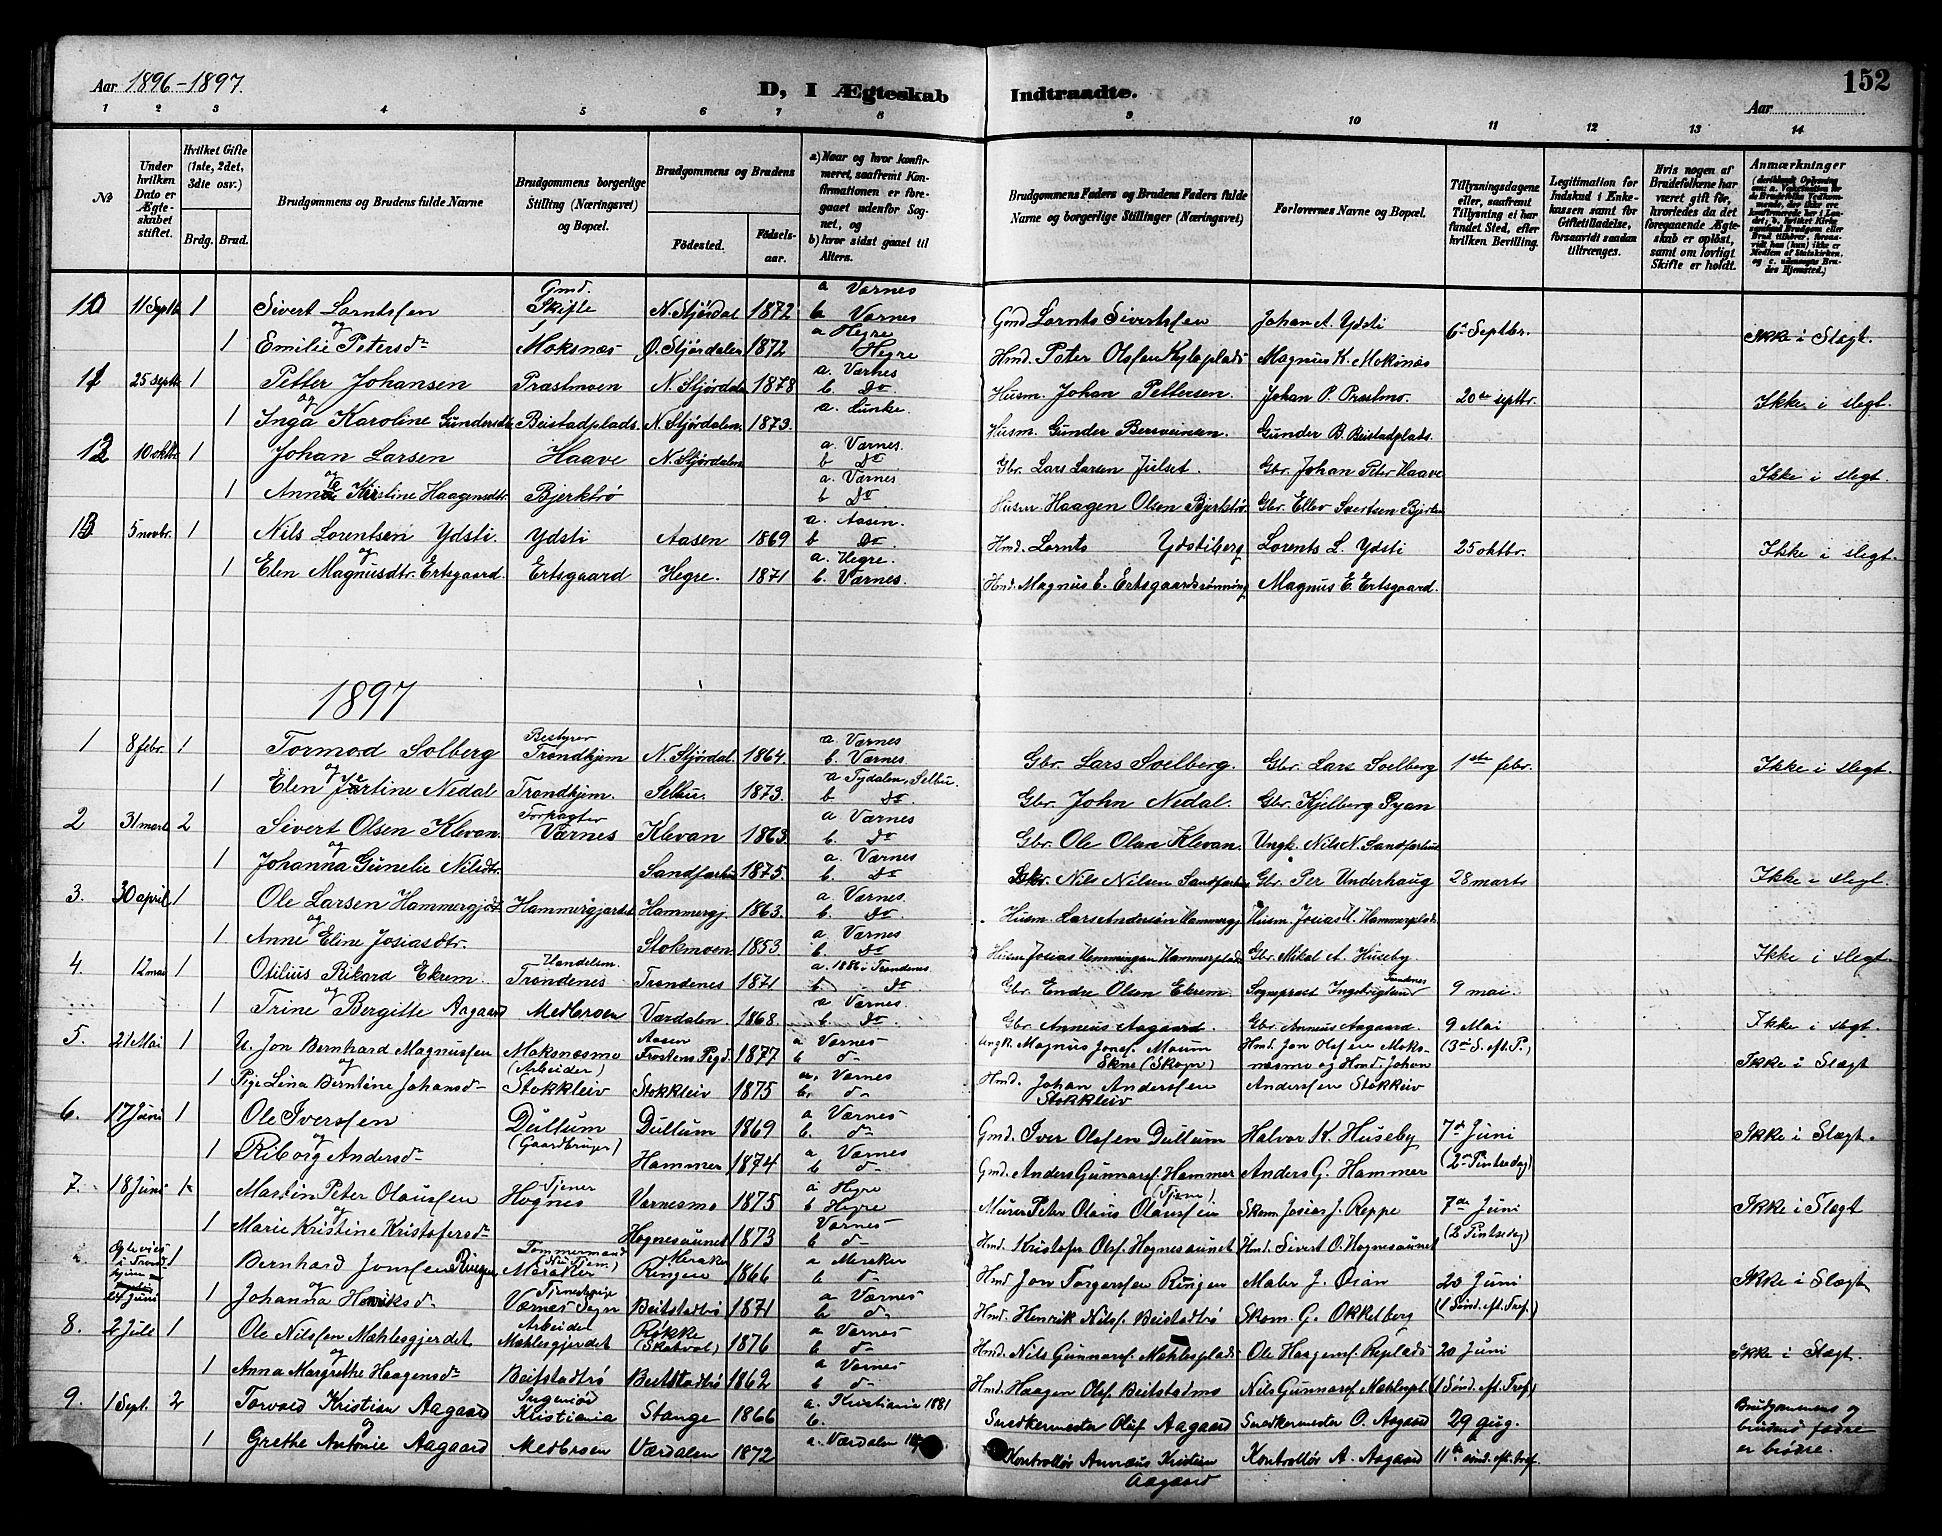 SAT, Ministerialprotokoller, klokkerbøker og fødselsregistre - Nord-Trøndelag, 709/L0087: Klokkerbok nr. 709C01, 1892-1913, s. 152